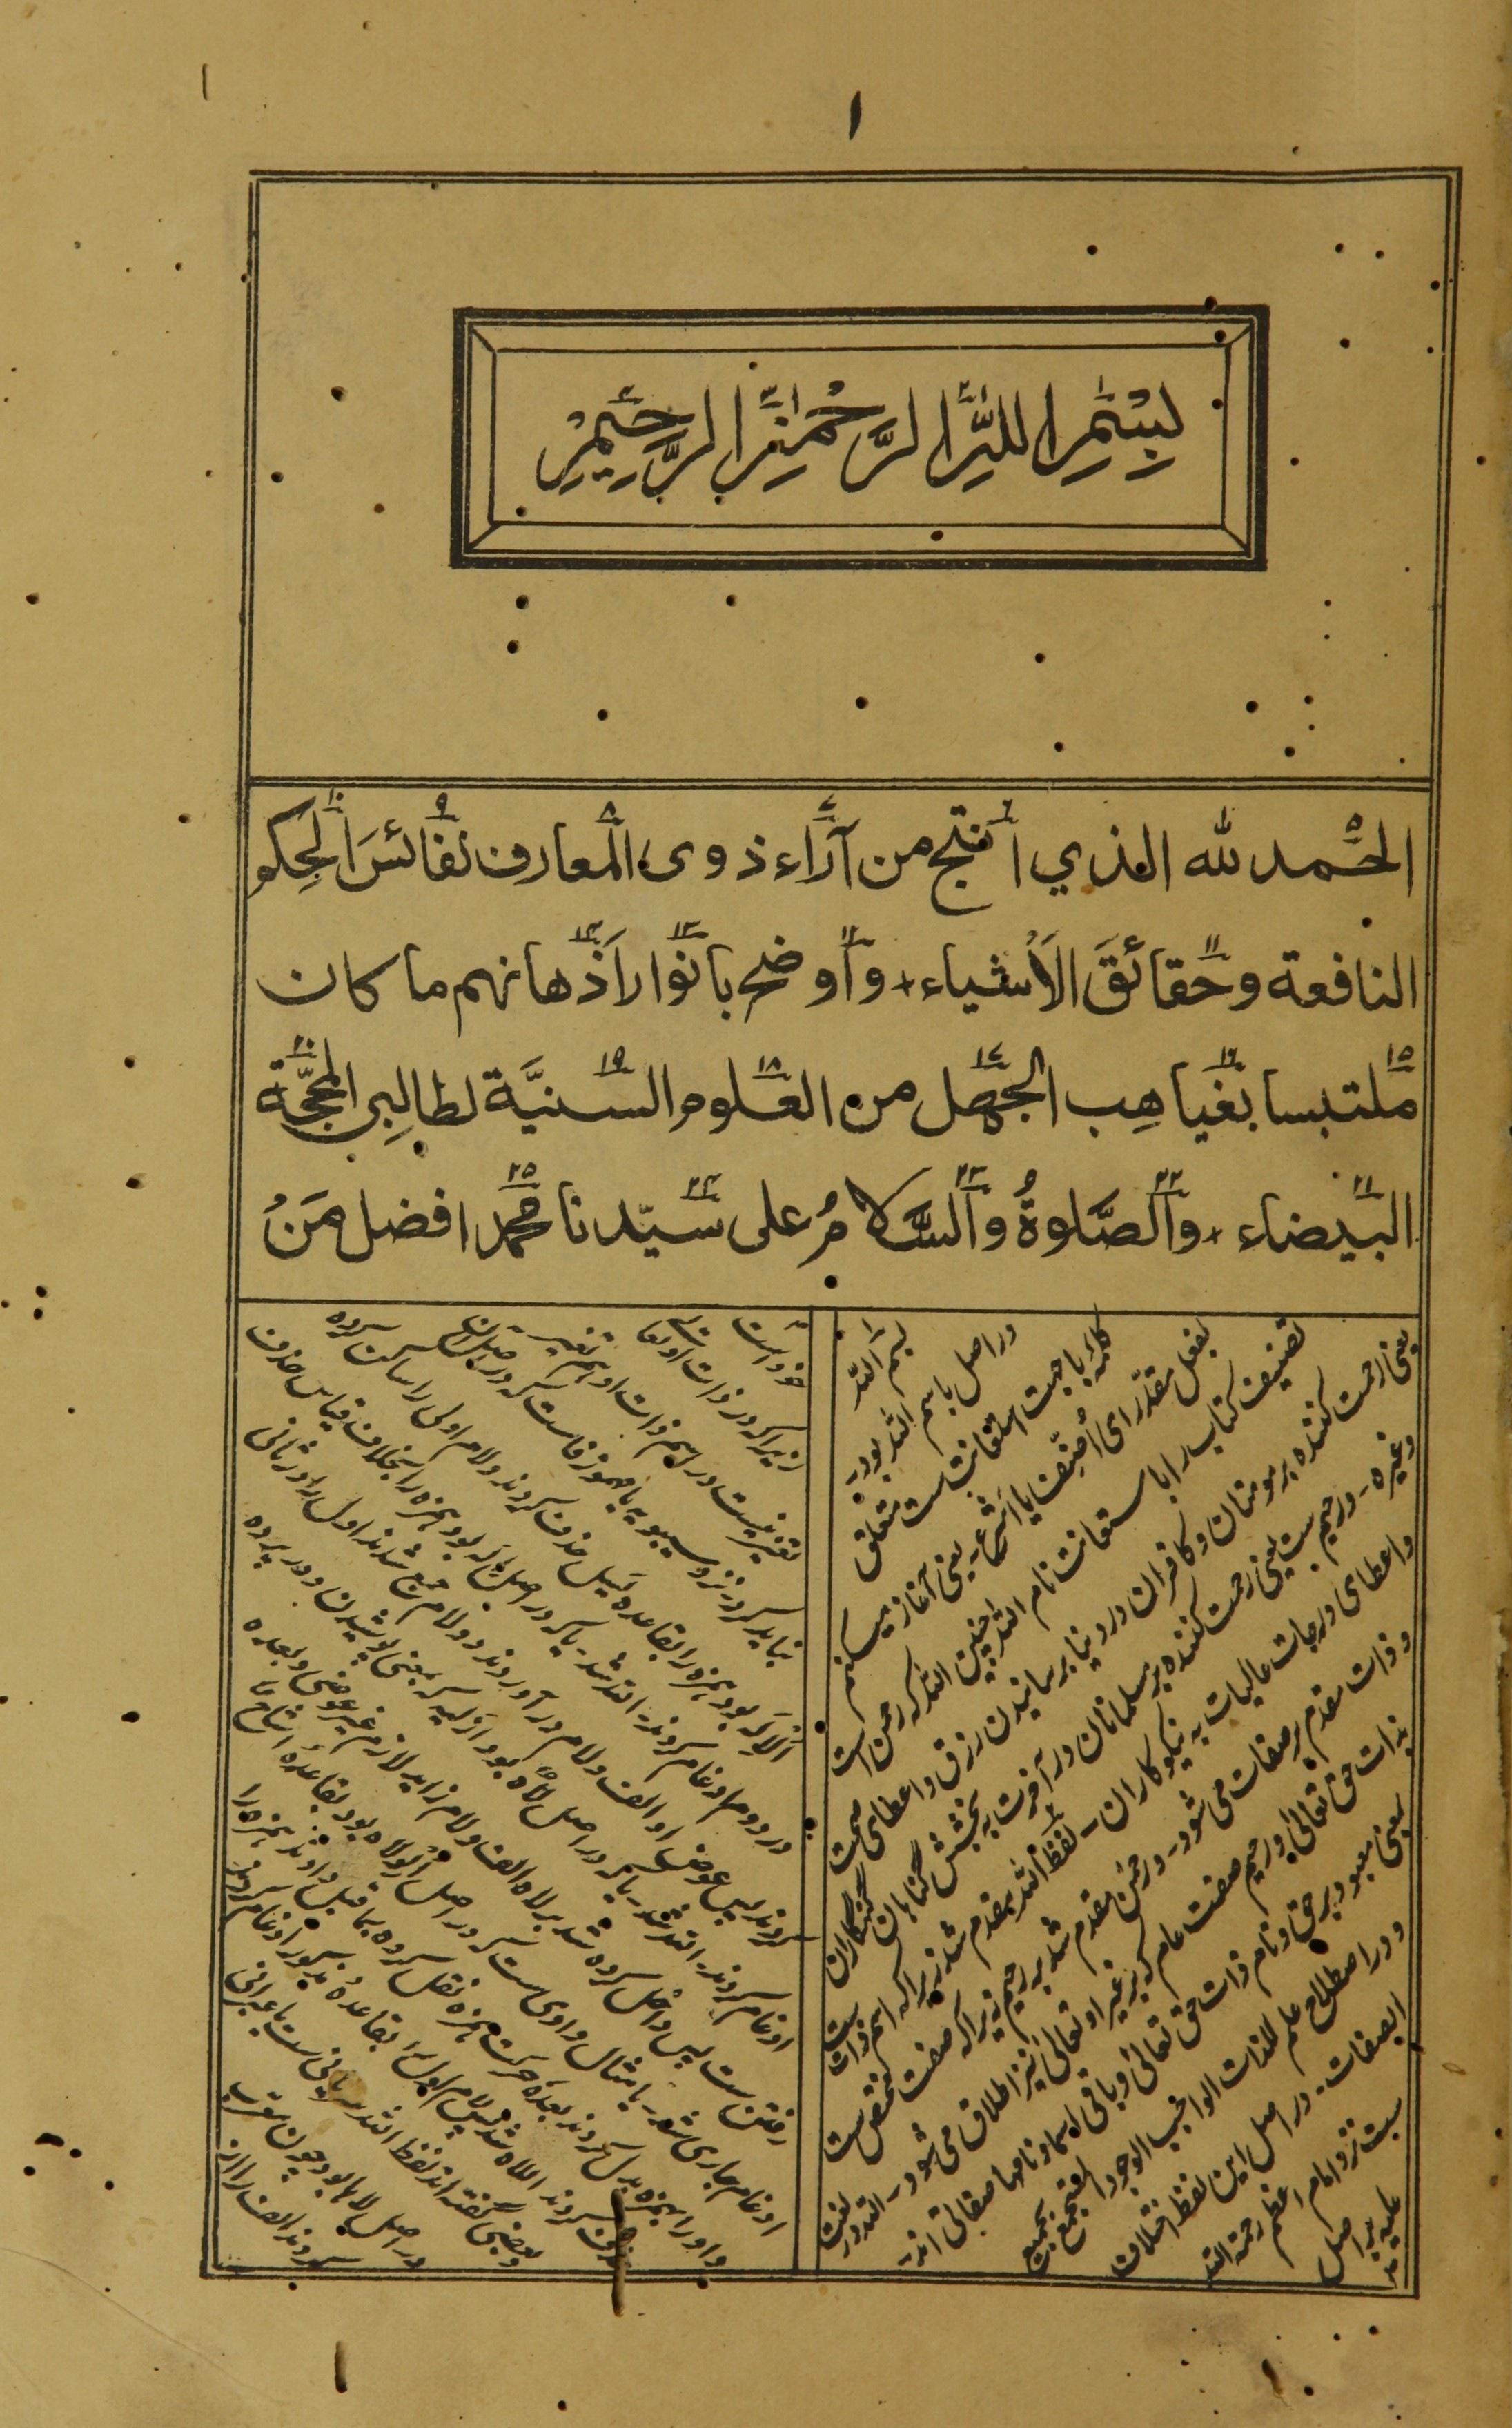 Aṭṭafayyish, Muḥammad ibn Yūsuf, 1820 or 1821-1914. Risālah shāfiyah fī baʻd al-tawārīkh. [al-Jazā'ir] : [Bakīr ibn Qāsim al-Qarārī], 1299 [1881 or 1882]].